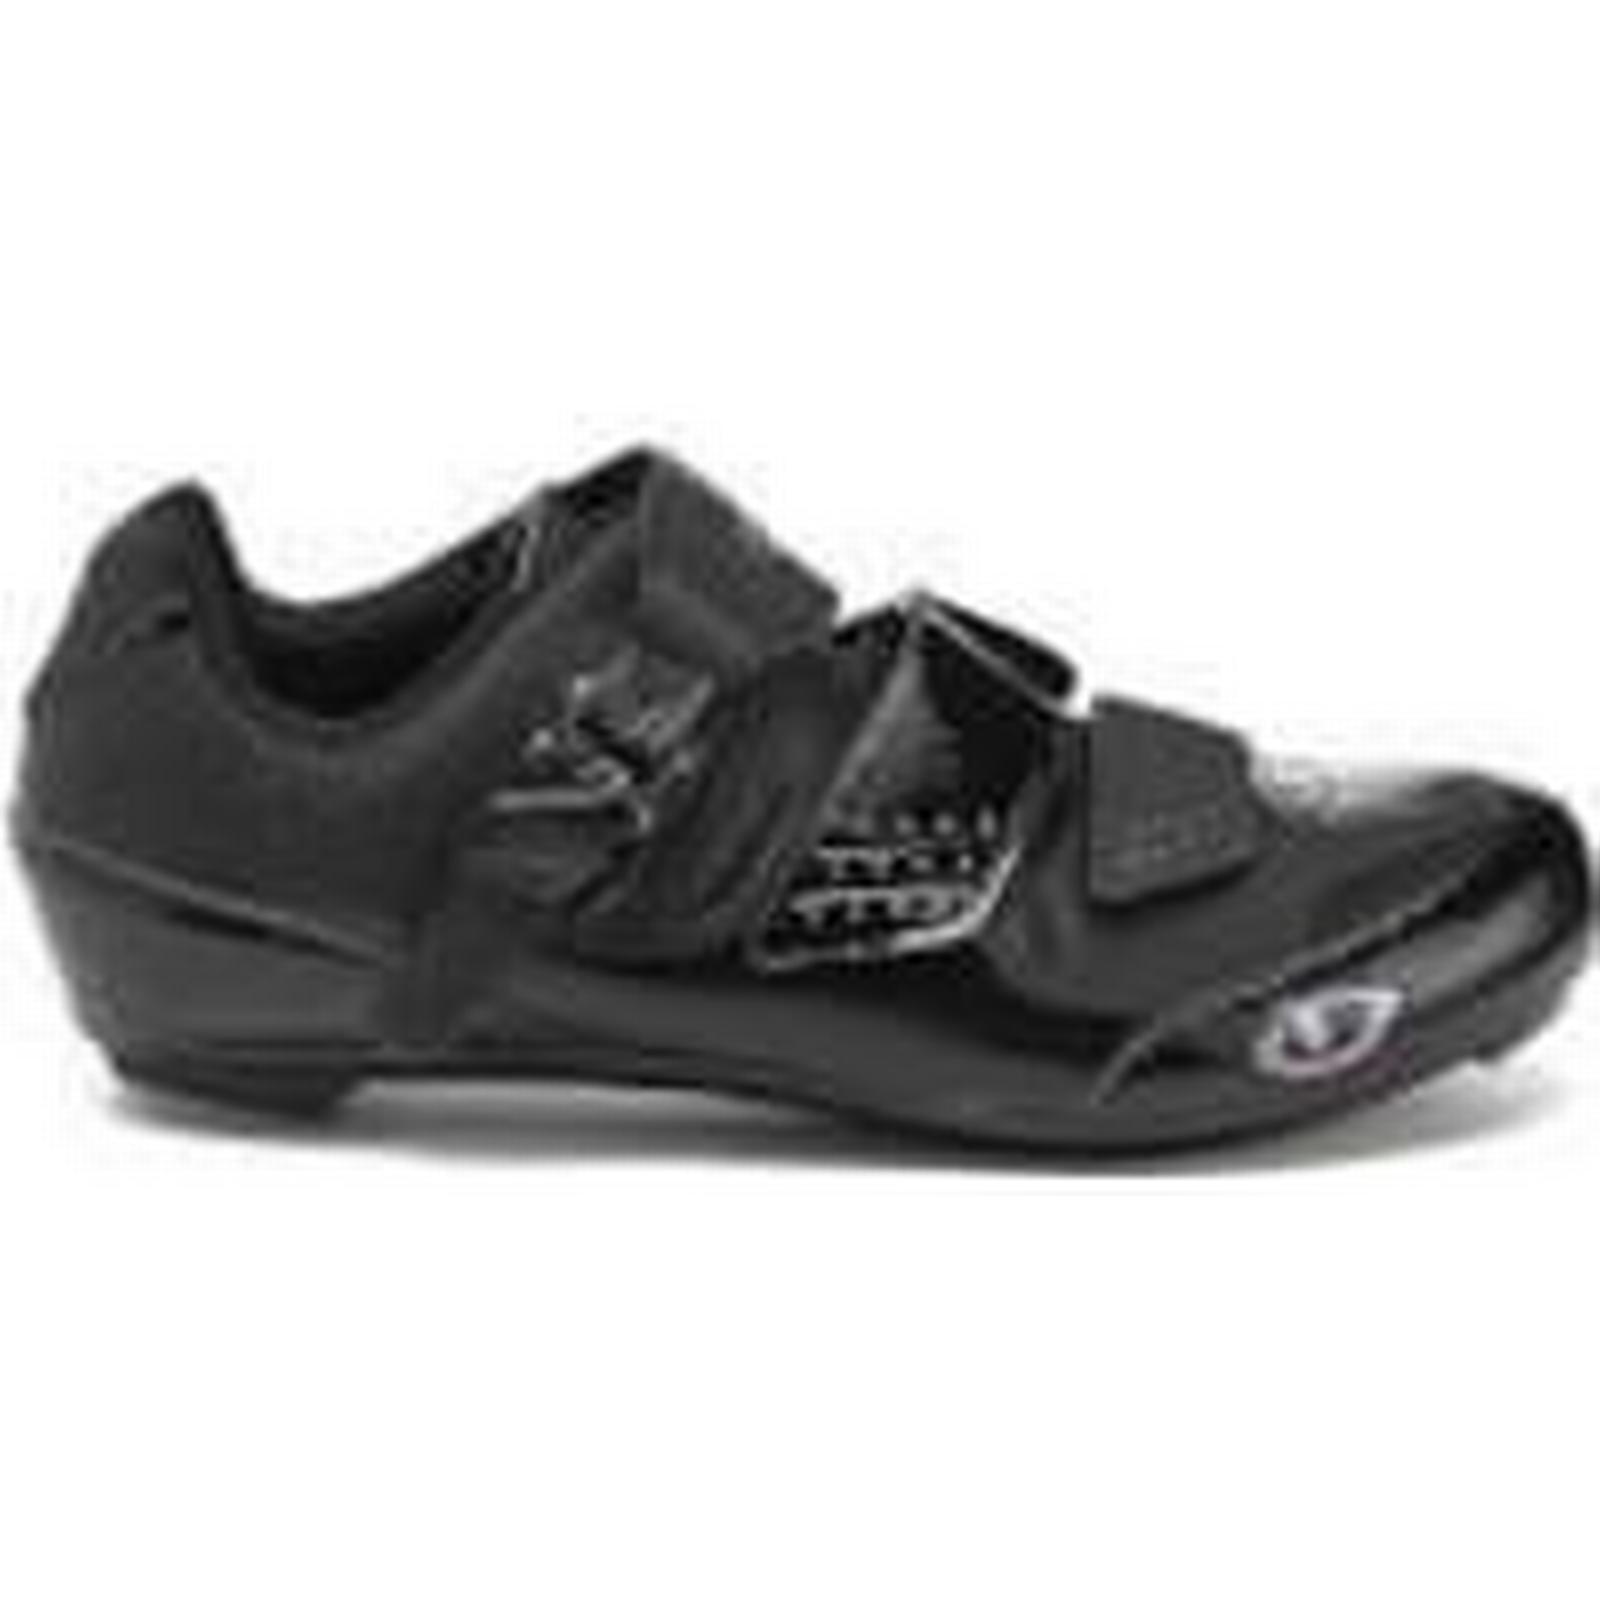 Giro Solara II Women's Road Cycling Shoes - - Black - EUR 41 - - Black d4bf95